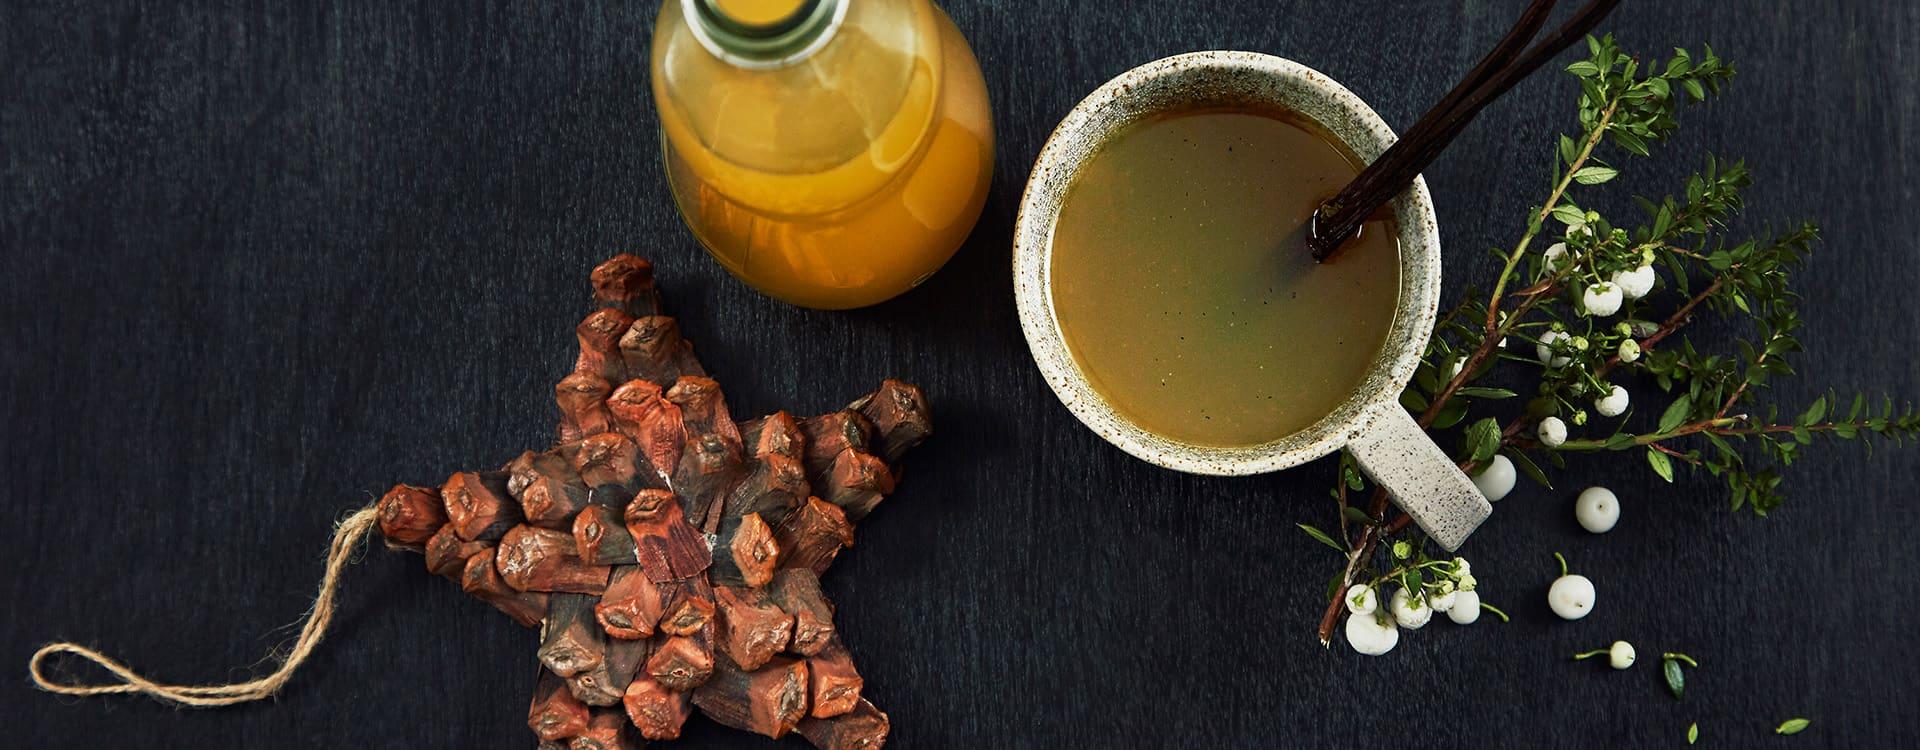 Julete med appelsin og vanilje